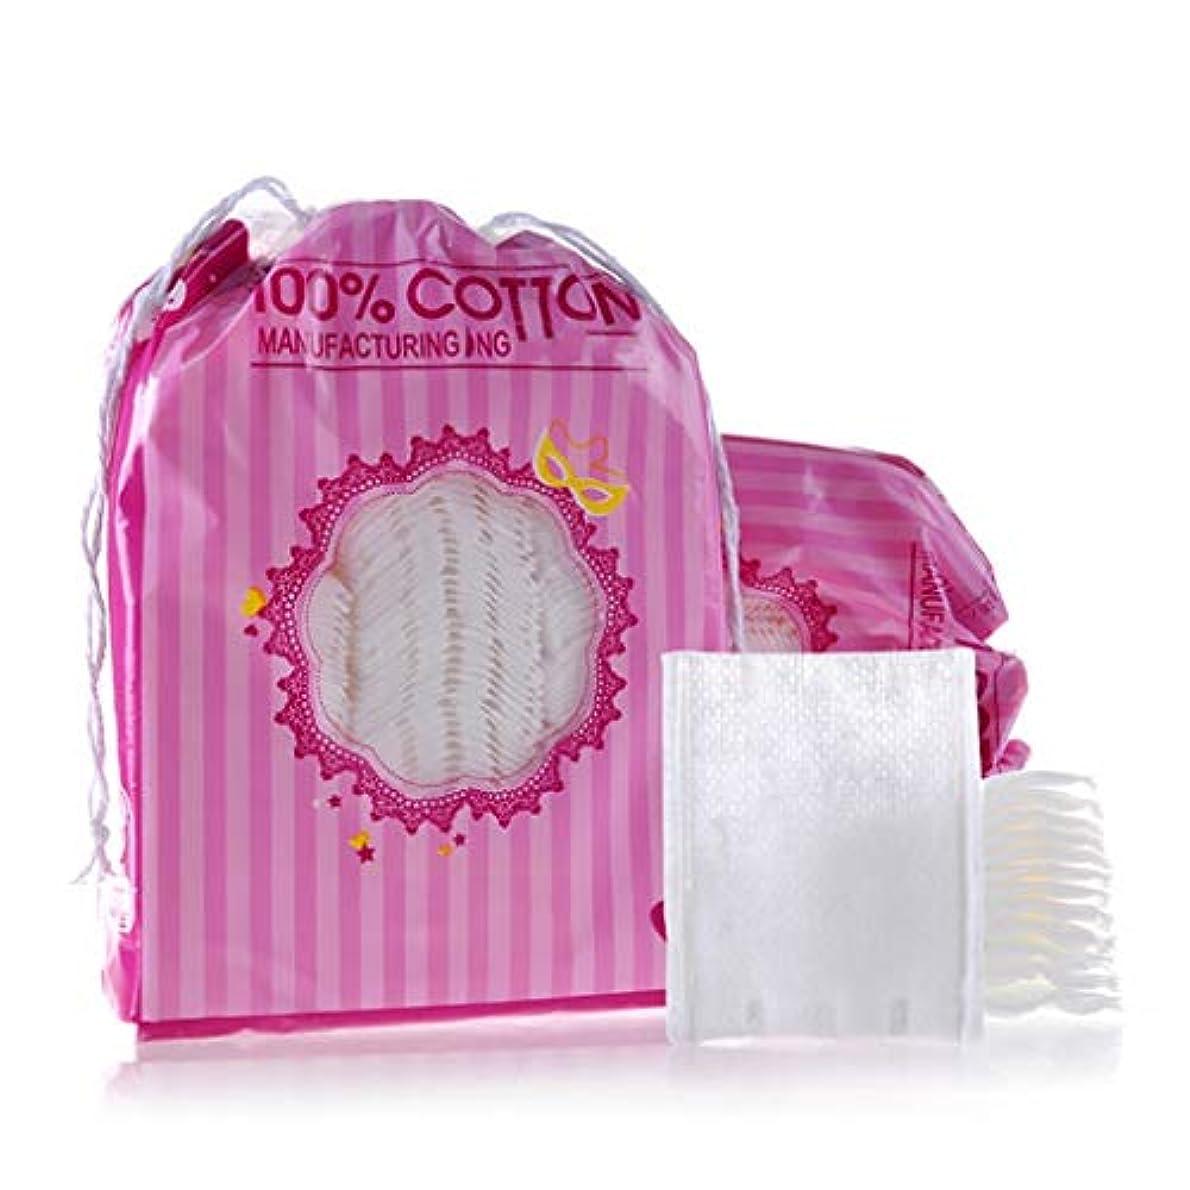 疑わしいフリッパーパンチクレンジングシート 200ピースコットンメイクアップリムーバーパッドソフトオーガニックネイルポリッシュワイプ両面フェイスクレンジング美容化粧品パッド (Color : White)